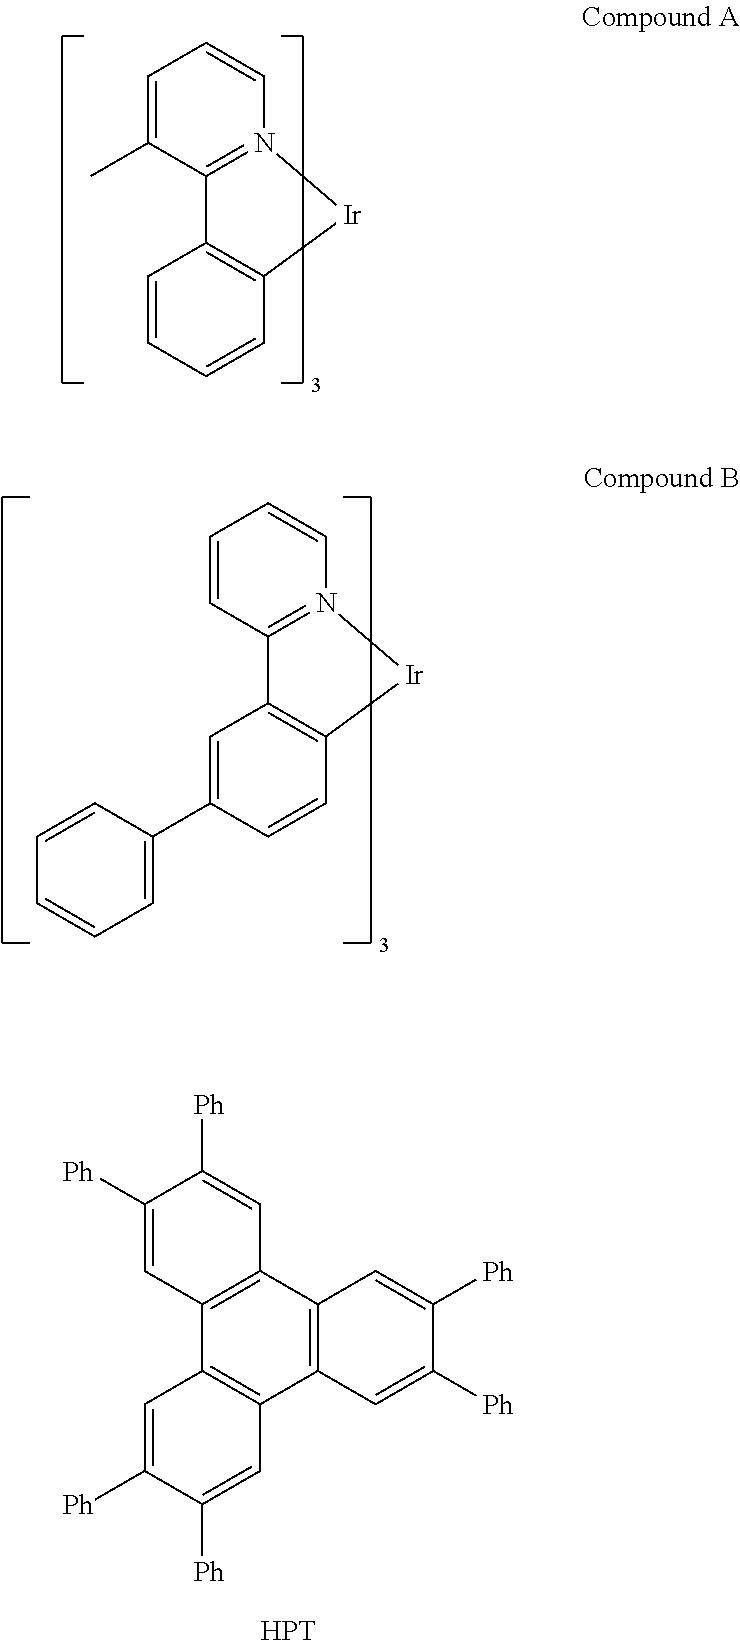 Figure US09455411-20160927-C00188